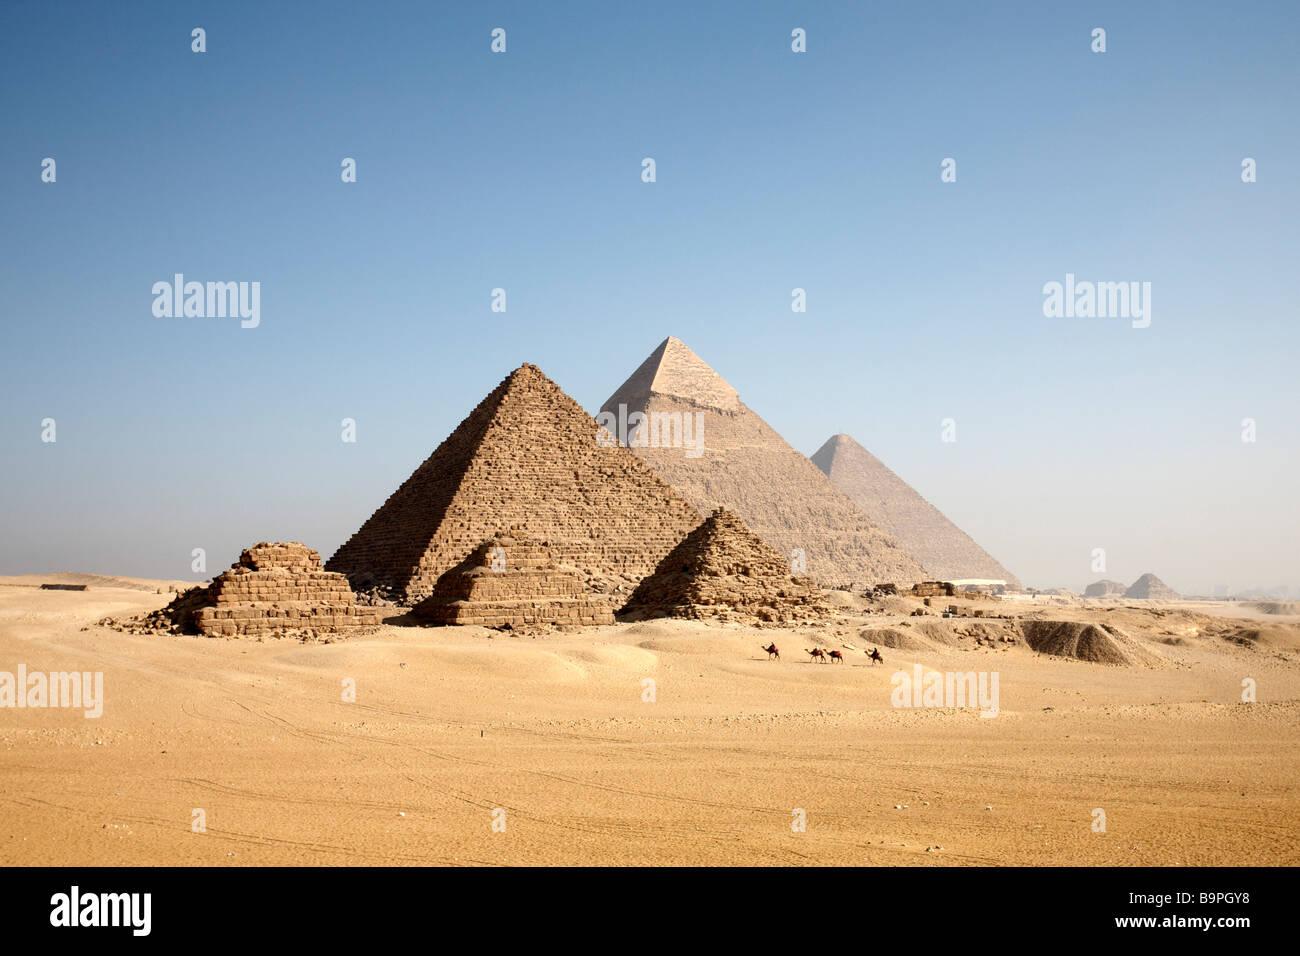 Enfoque de camellos a las pirámides de Giza. Imagen De Stock